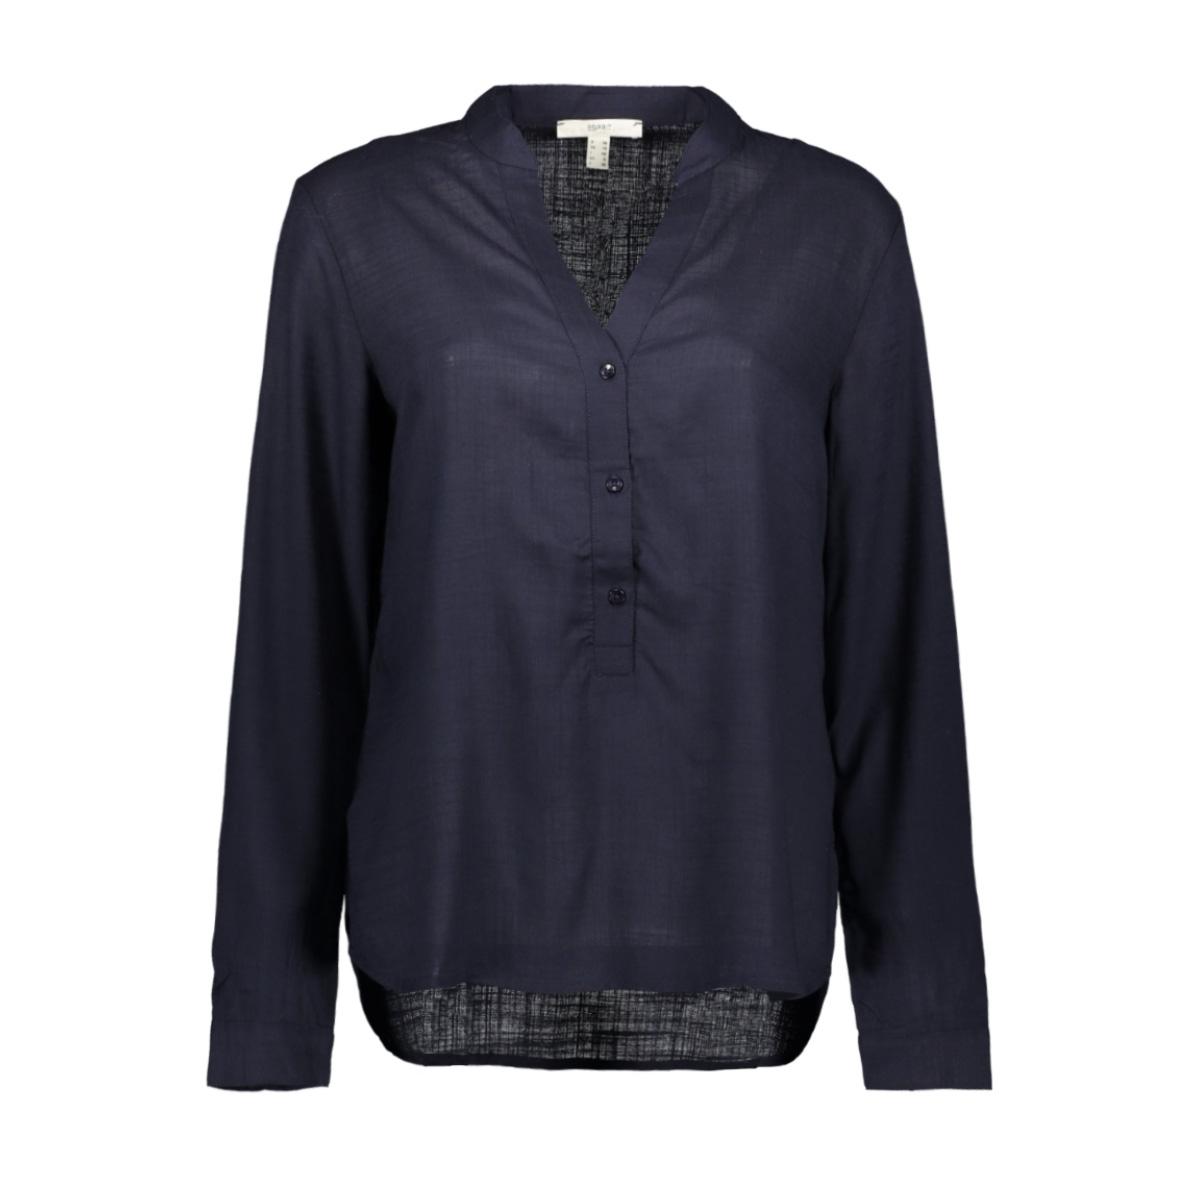 blouse met v hals 020ee1f309 esprit blouse e400